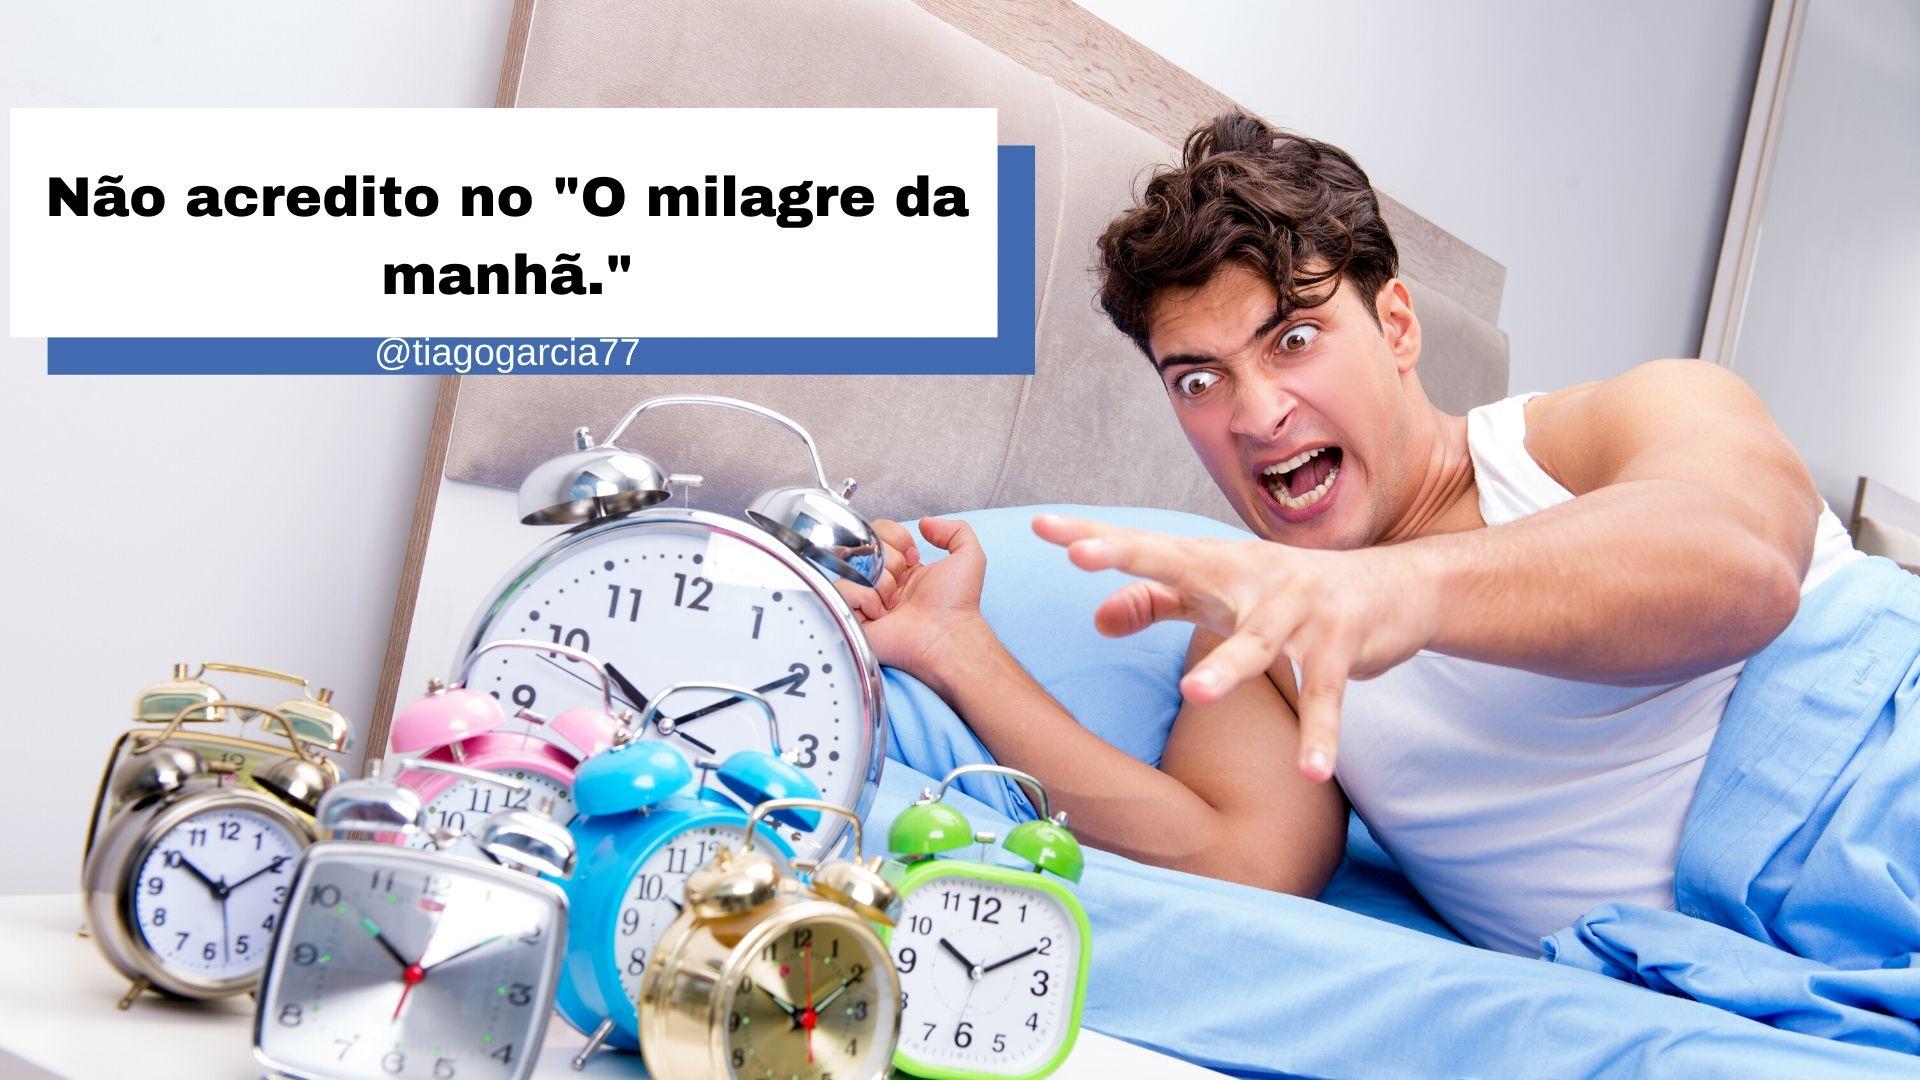 """NÃO ACREDITO NO """"O MILAGRE DA MANHÔ"""